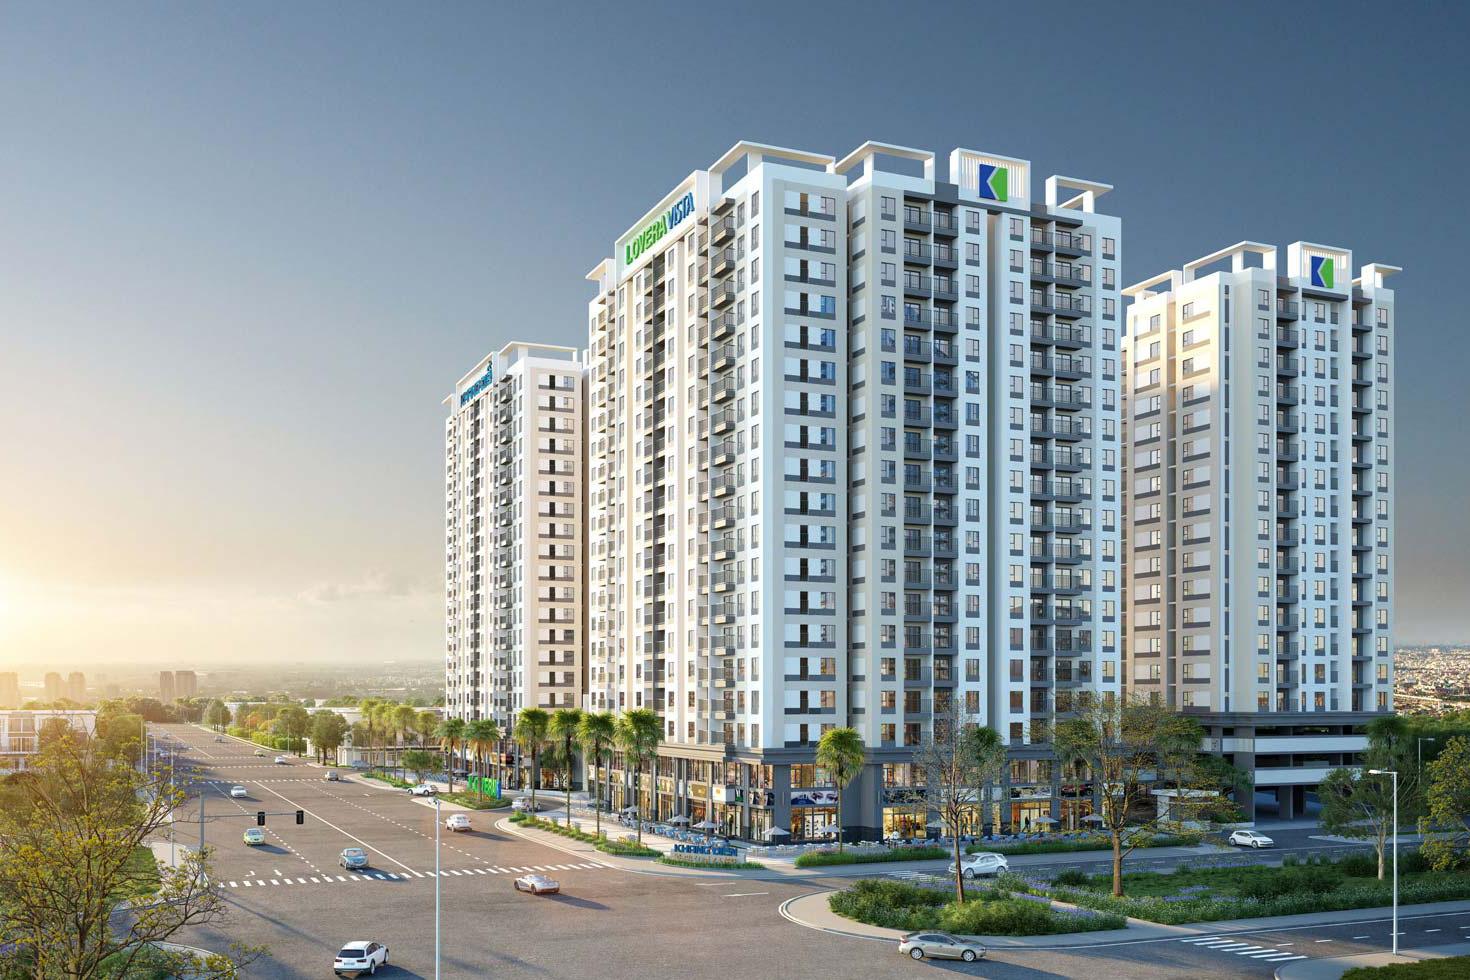 Chung cư của Khang Điền, Him Lam, Thuduc House... tại TP HCM đồng loạt tăng giá